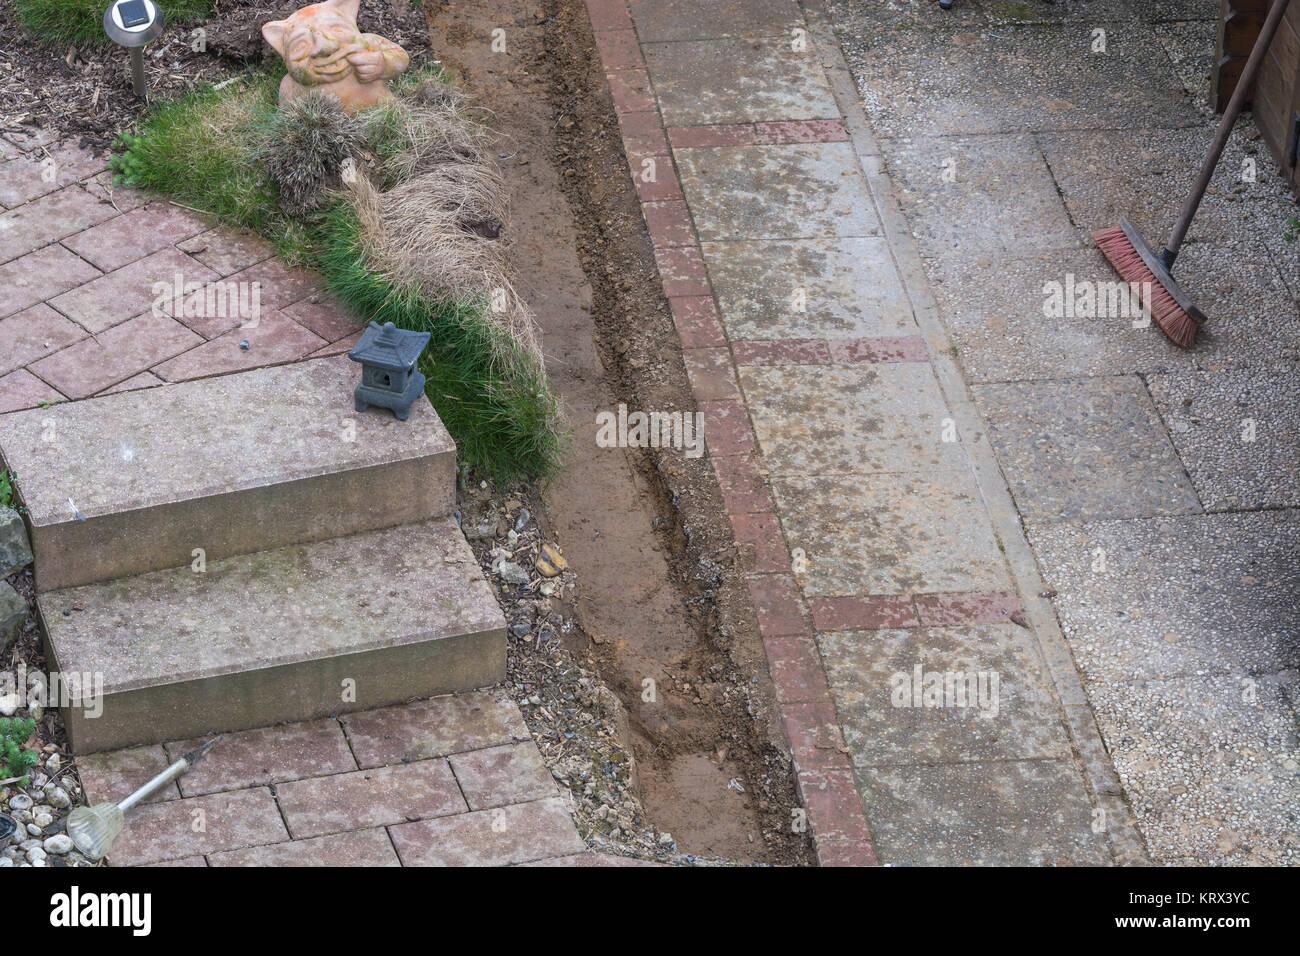 kehren und reinigen der gartenwege stockfoto, bild: 169604272 - alamy